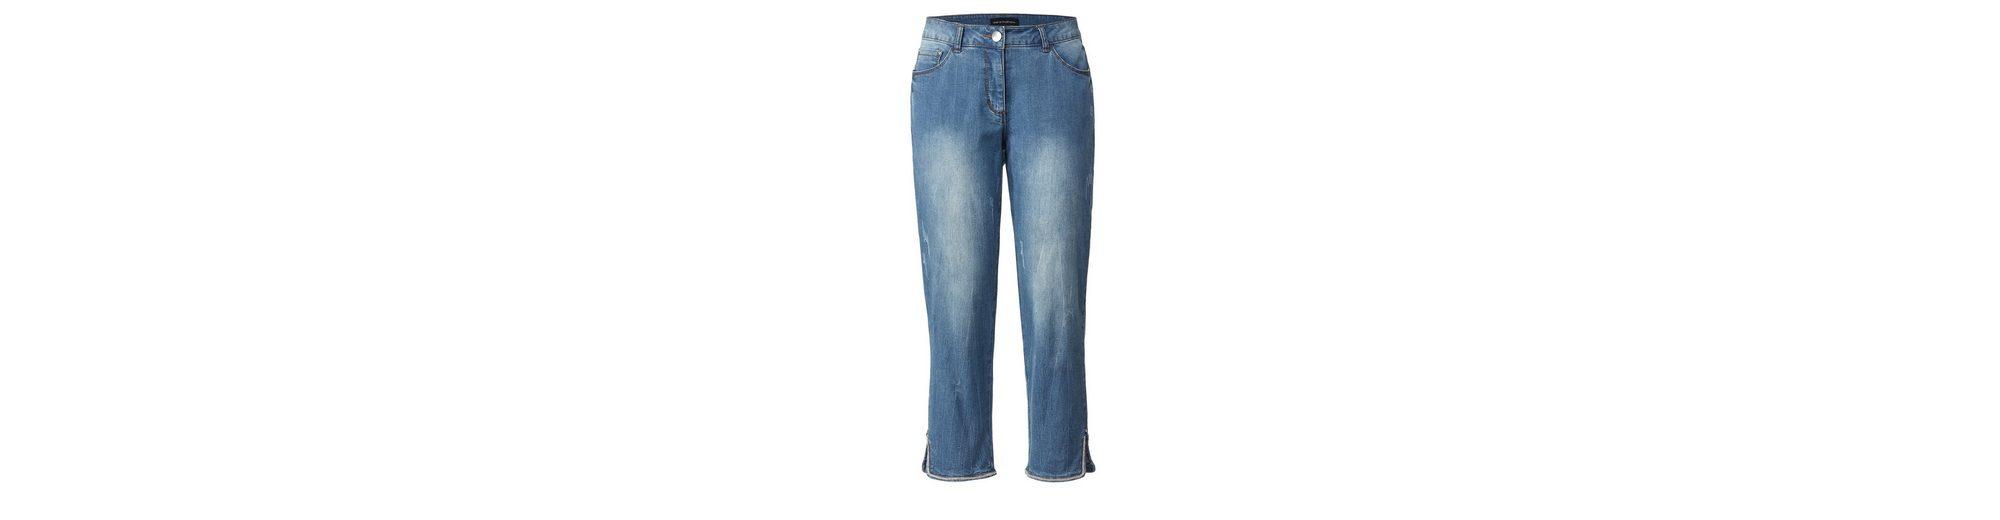 Online Shop Auslass Professionelle Sara Lindholm by Happy Size 7/8-Jeans mit Strass Billig 2018 Unisex Spielraum Ebay Echt Verkauf Online h50ByOv